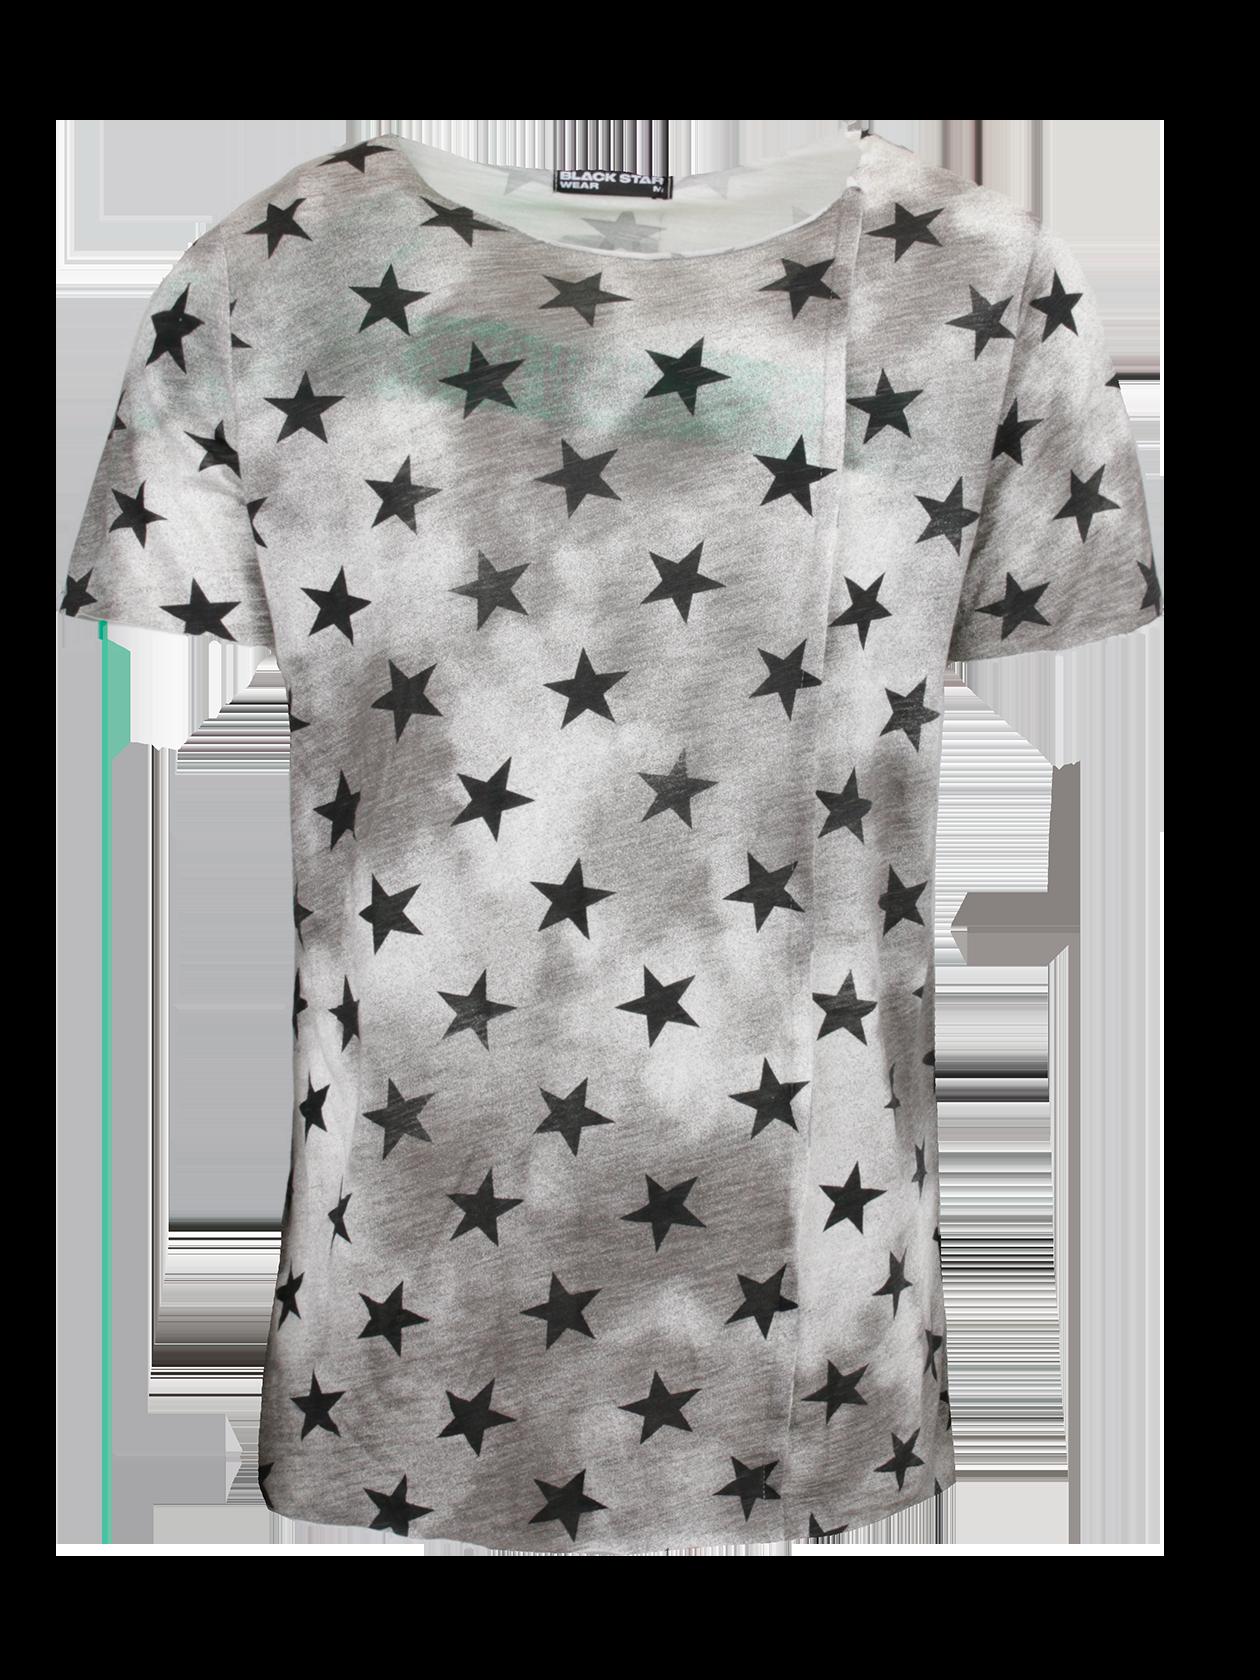 Футболка мужская Super Star 2.0Футболка мужская Super Star 2.0 от бренда BSW – стильная вещь на каждый день. Свободный прямой крой, небольшое удлинение, короткий рукав. Горловина-лодочка с неглубоким вырезом и нашивкой с логотипом Black Star Wear с изнаночной стороны. С фронтальной стороны оформлен декоративный вертикальный шов. Модель представлена в сером цвете, дополнена темными пятнами и рисунком в виде многочисленных черных звезд. Футболка сшита из премиального натурального хлопка, обладает высокой практичностью и износоустойчивостью.<br><br>Размер: S<br>Цвет: Серый<br>Пол: Мужской